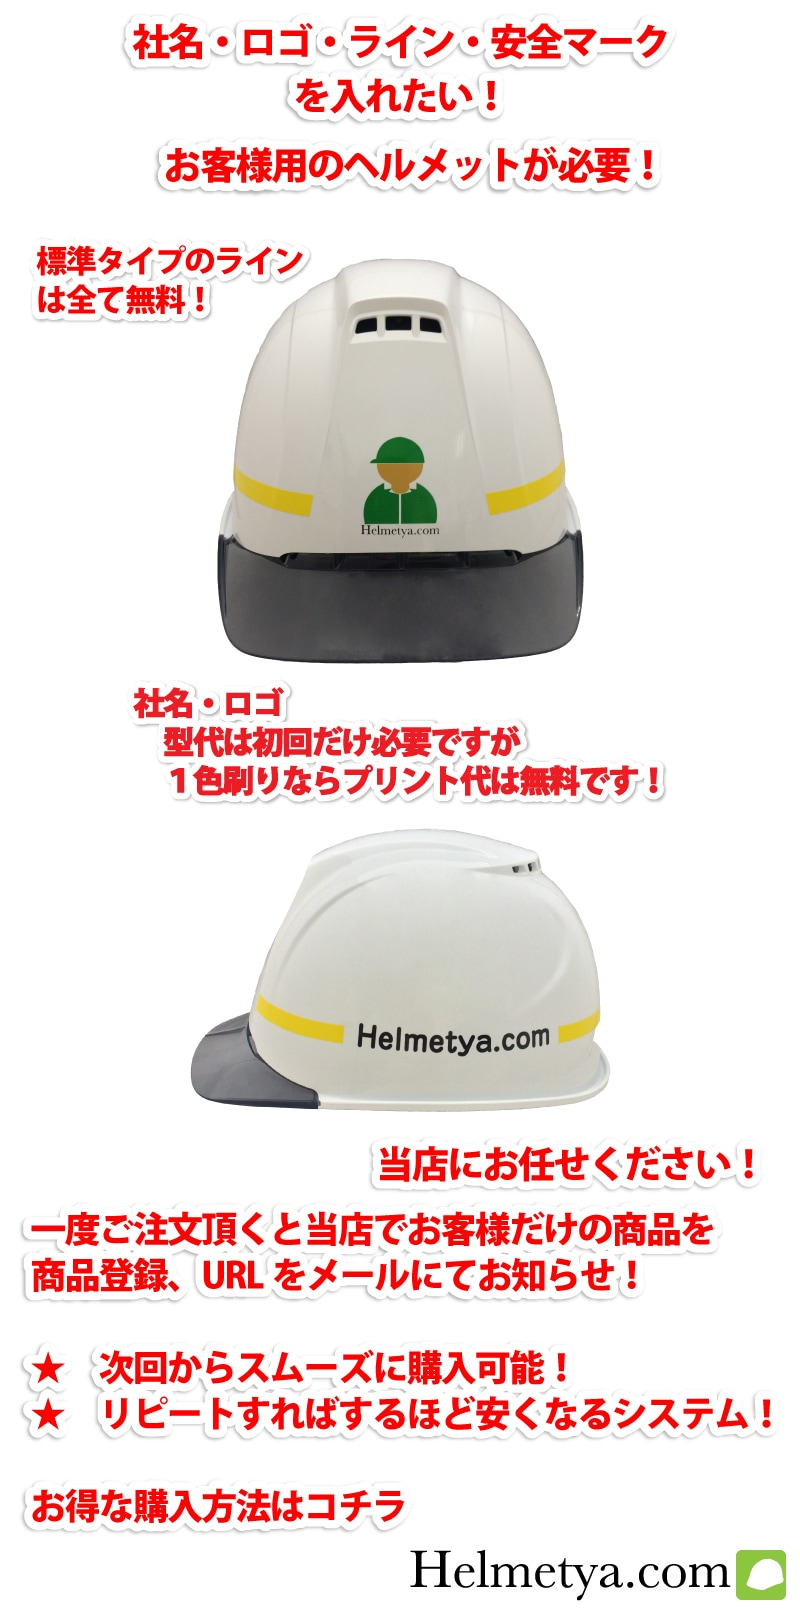 オリジナルデザインヘルメットご注文の流れ STEP01